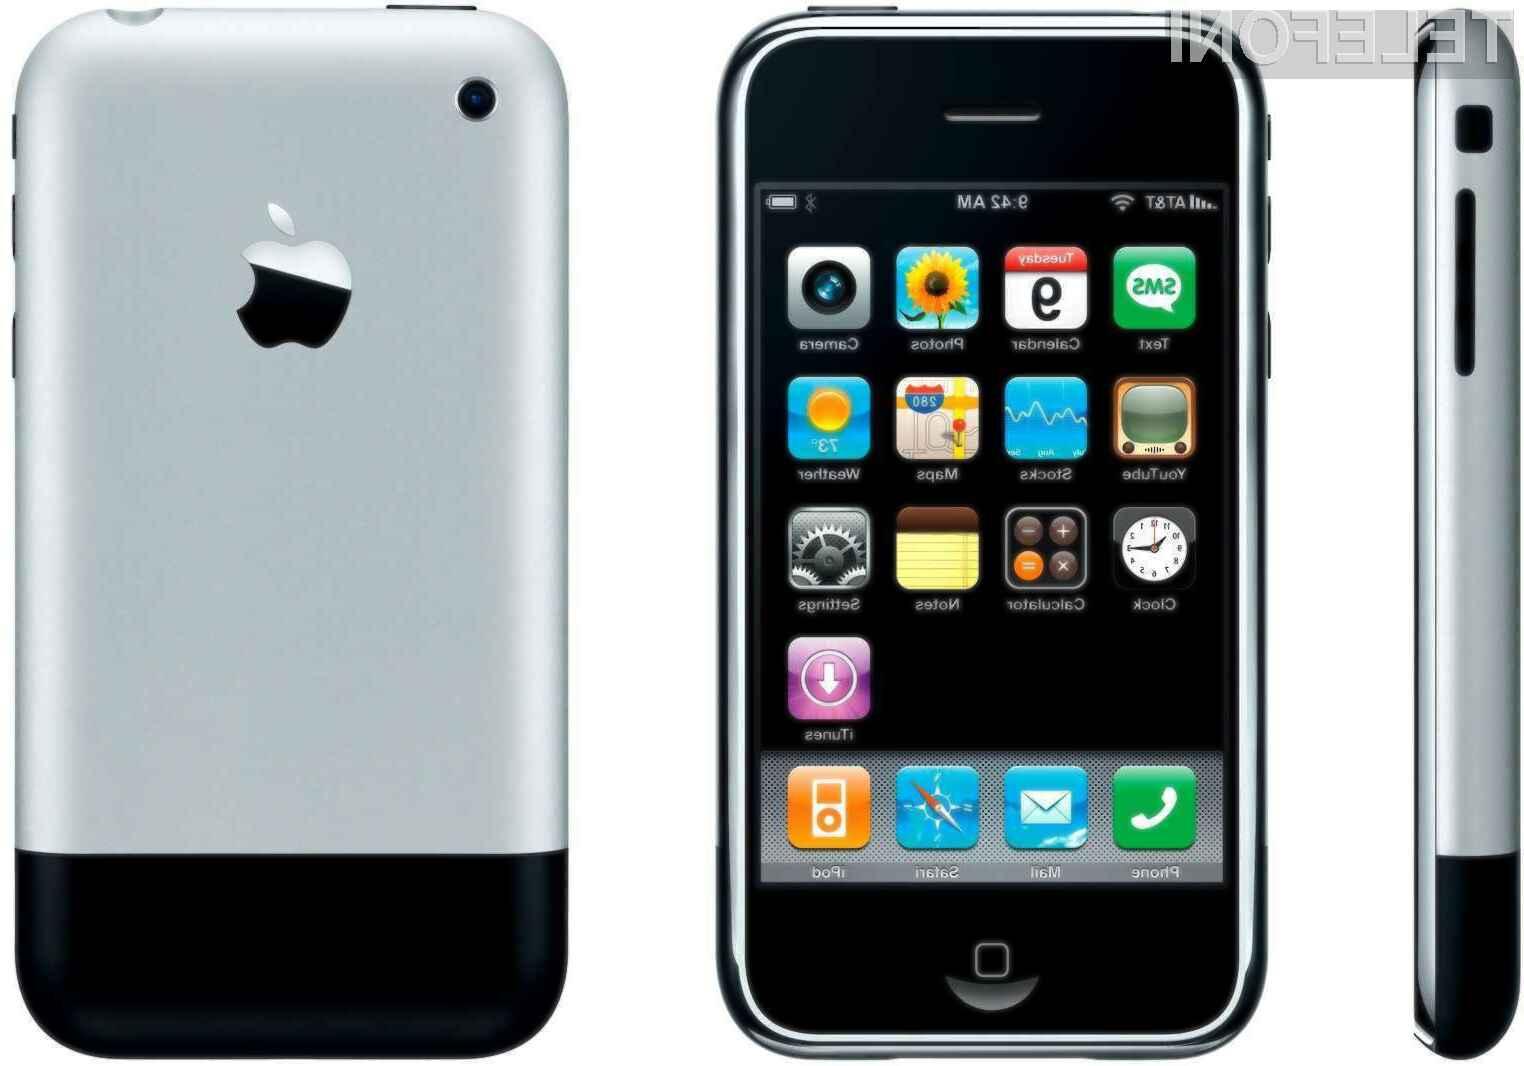 Čeprav je prvi mobilnik iPhone vsaj po funkcijah močno zaostajal za konkurenco, se je uporabnikom takoj prikupil!